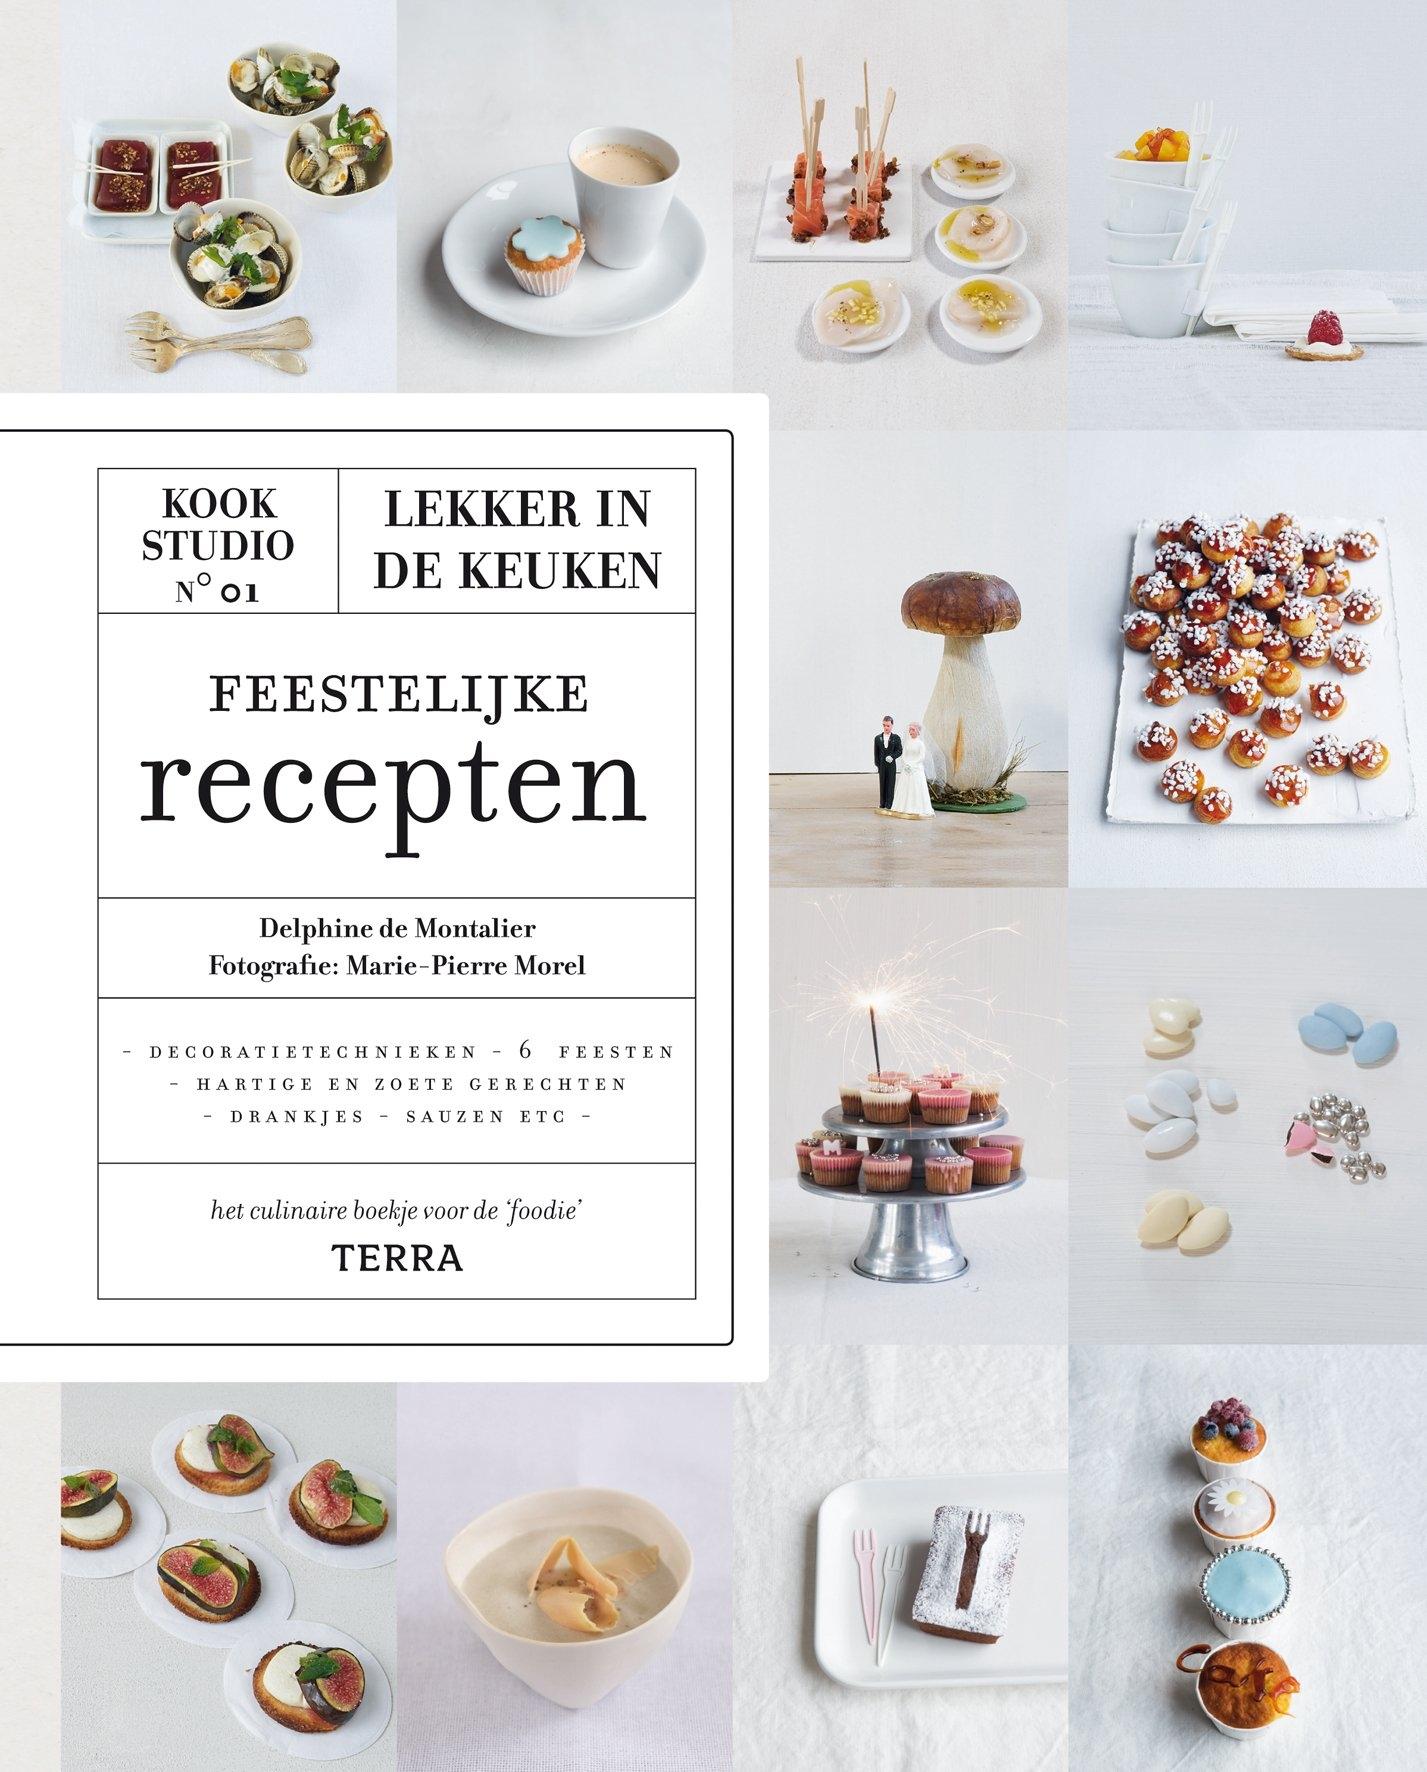 KOOKSTUDIO - Feestelijke recepten